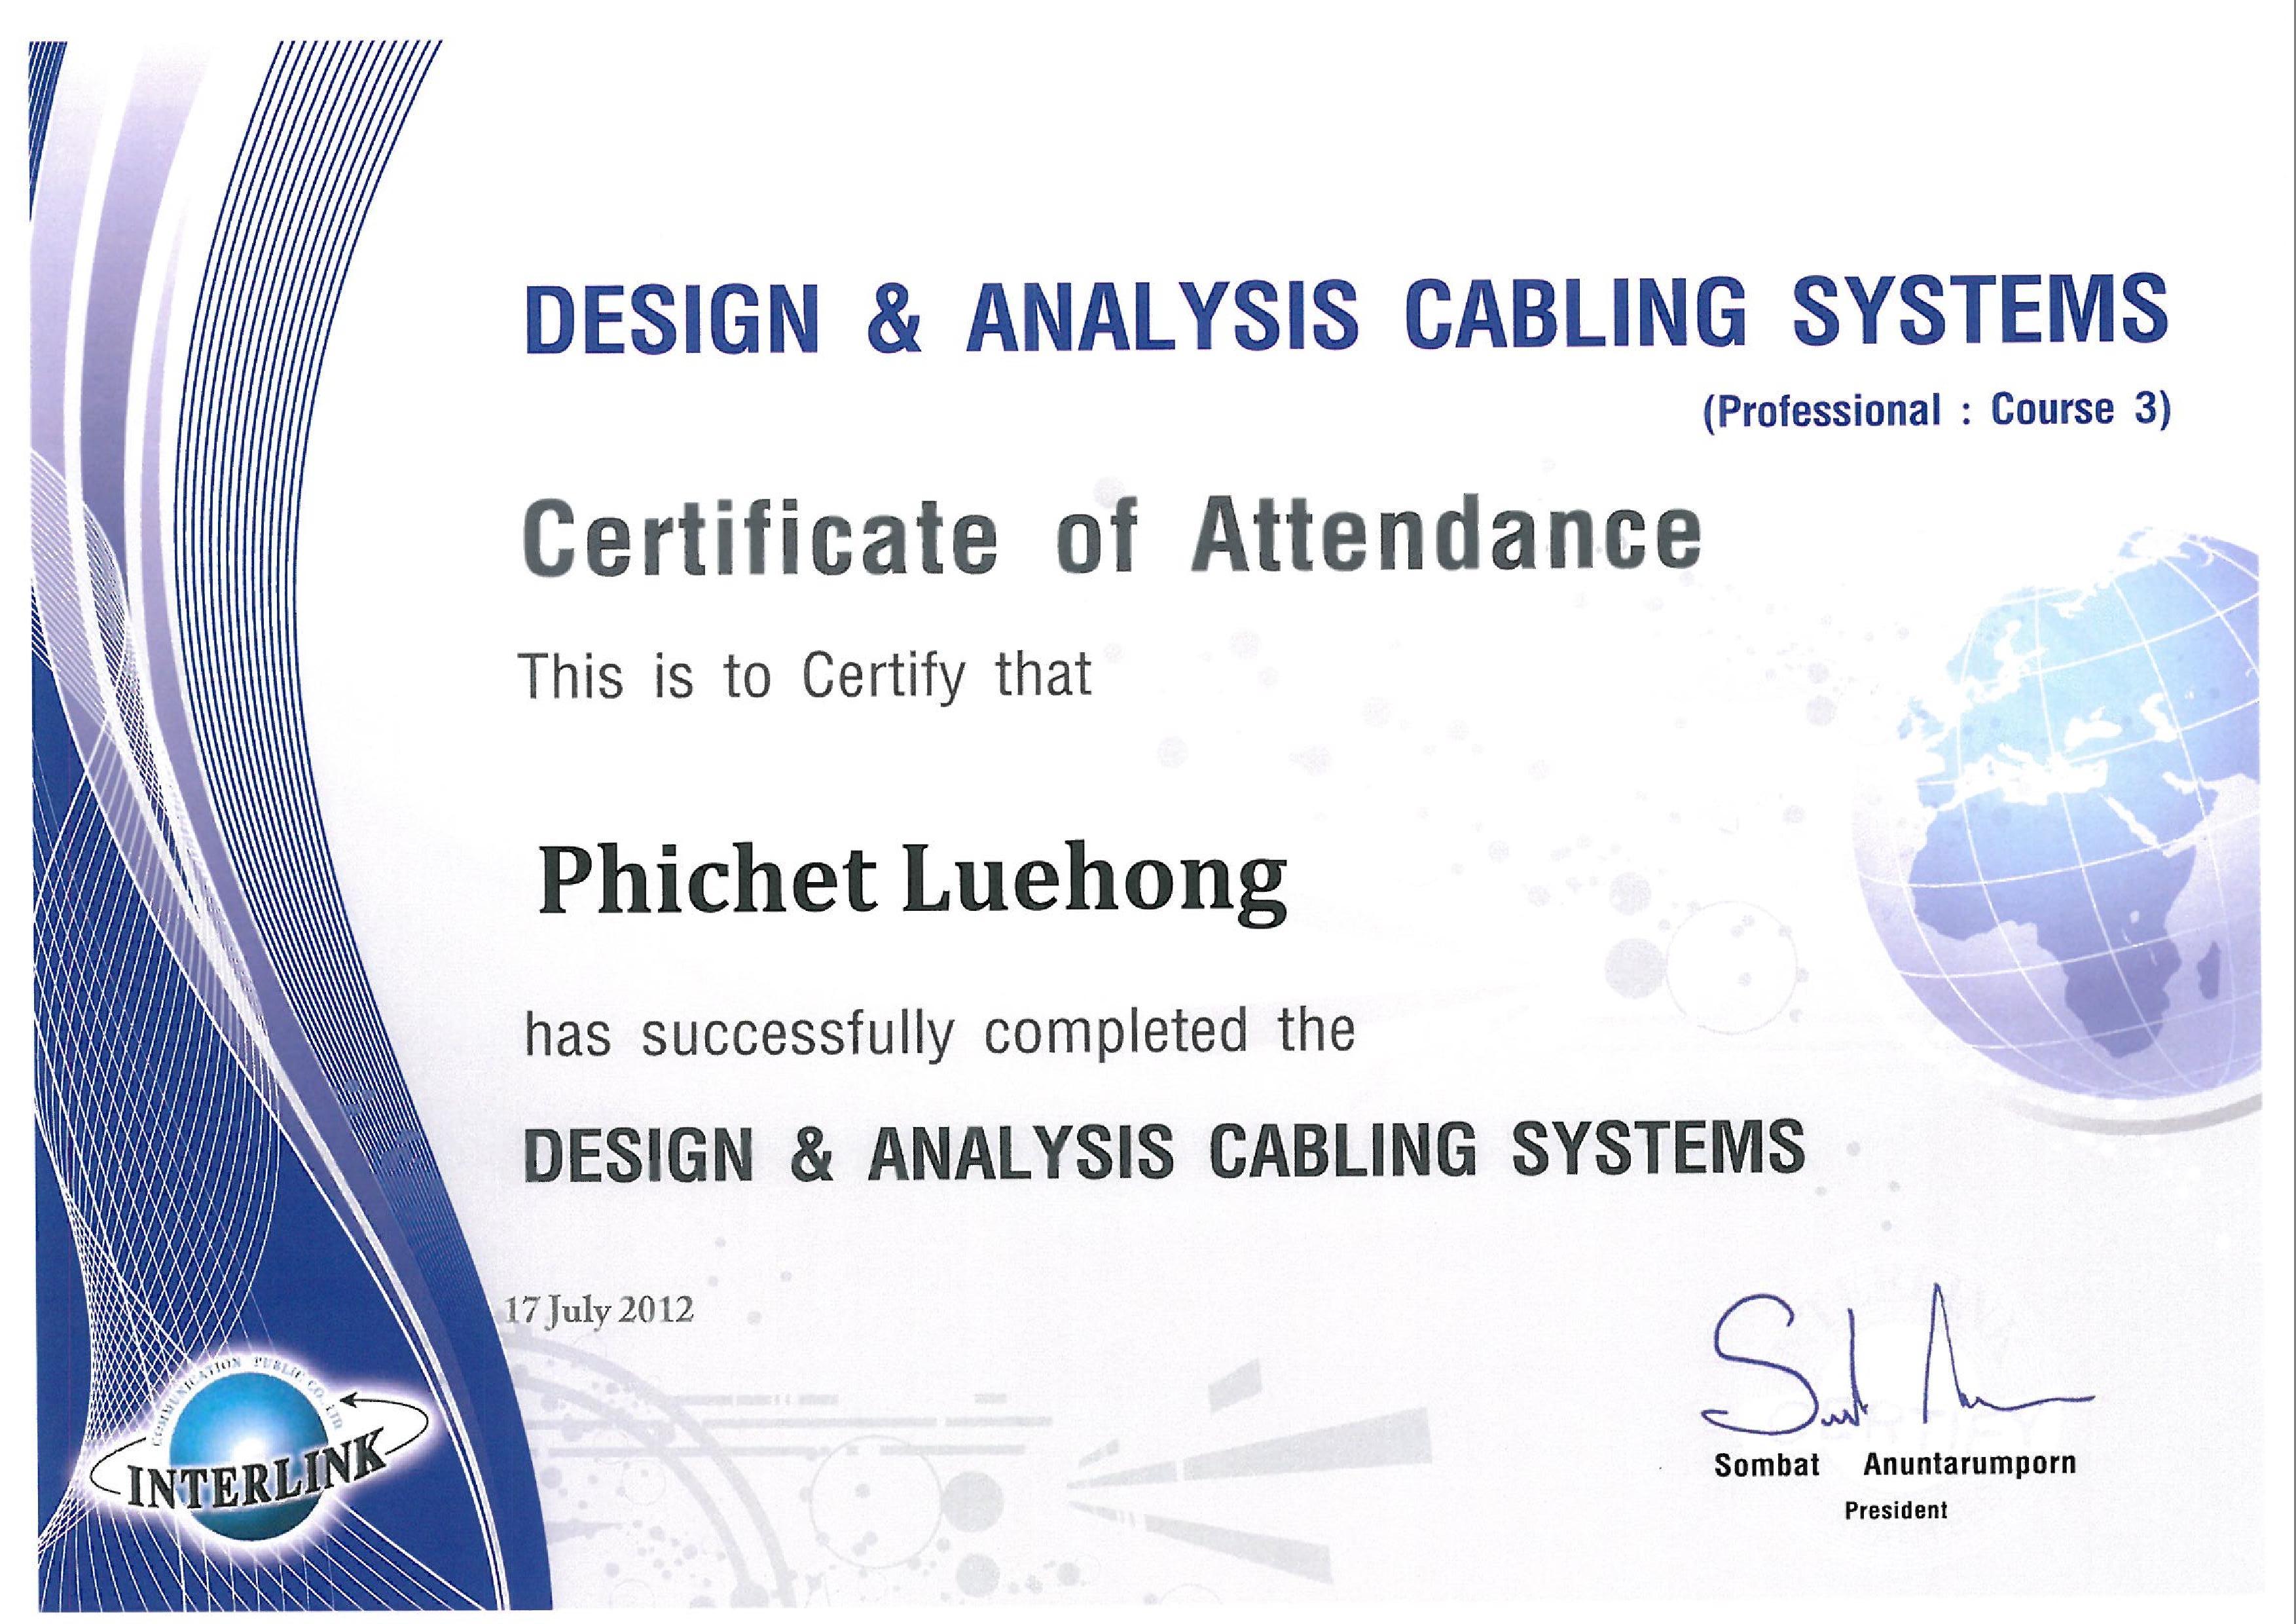 CertificateNetwork